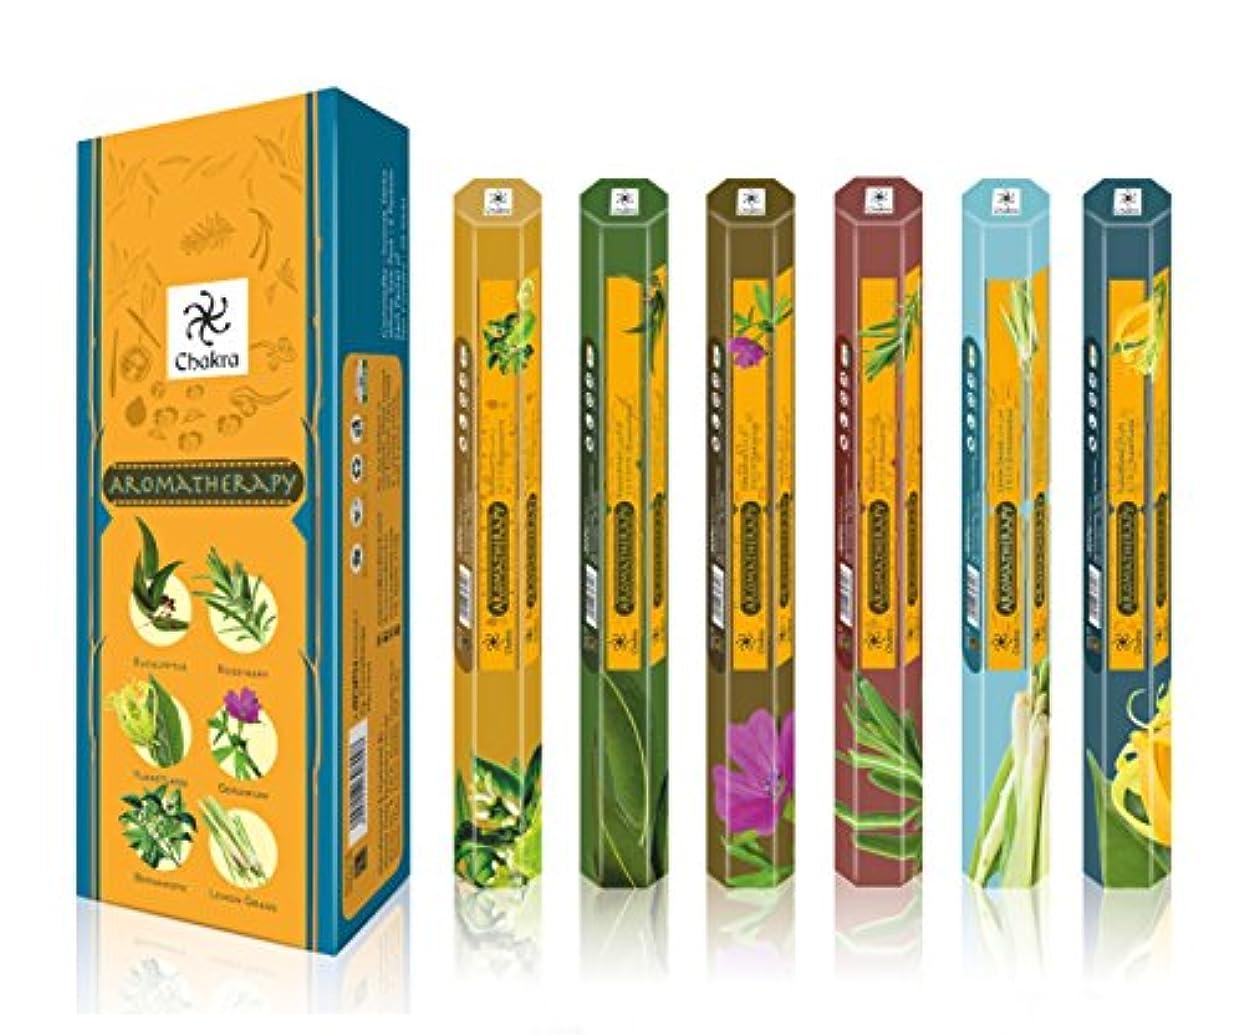 娘上に築きます苦情文句アロマセラピーナチュラルフレグランス香りつきSticks – 促進健康とWell being- 20 Incense Sticks Perボックス – Long Lasting 120 Fragrance Sticks ...